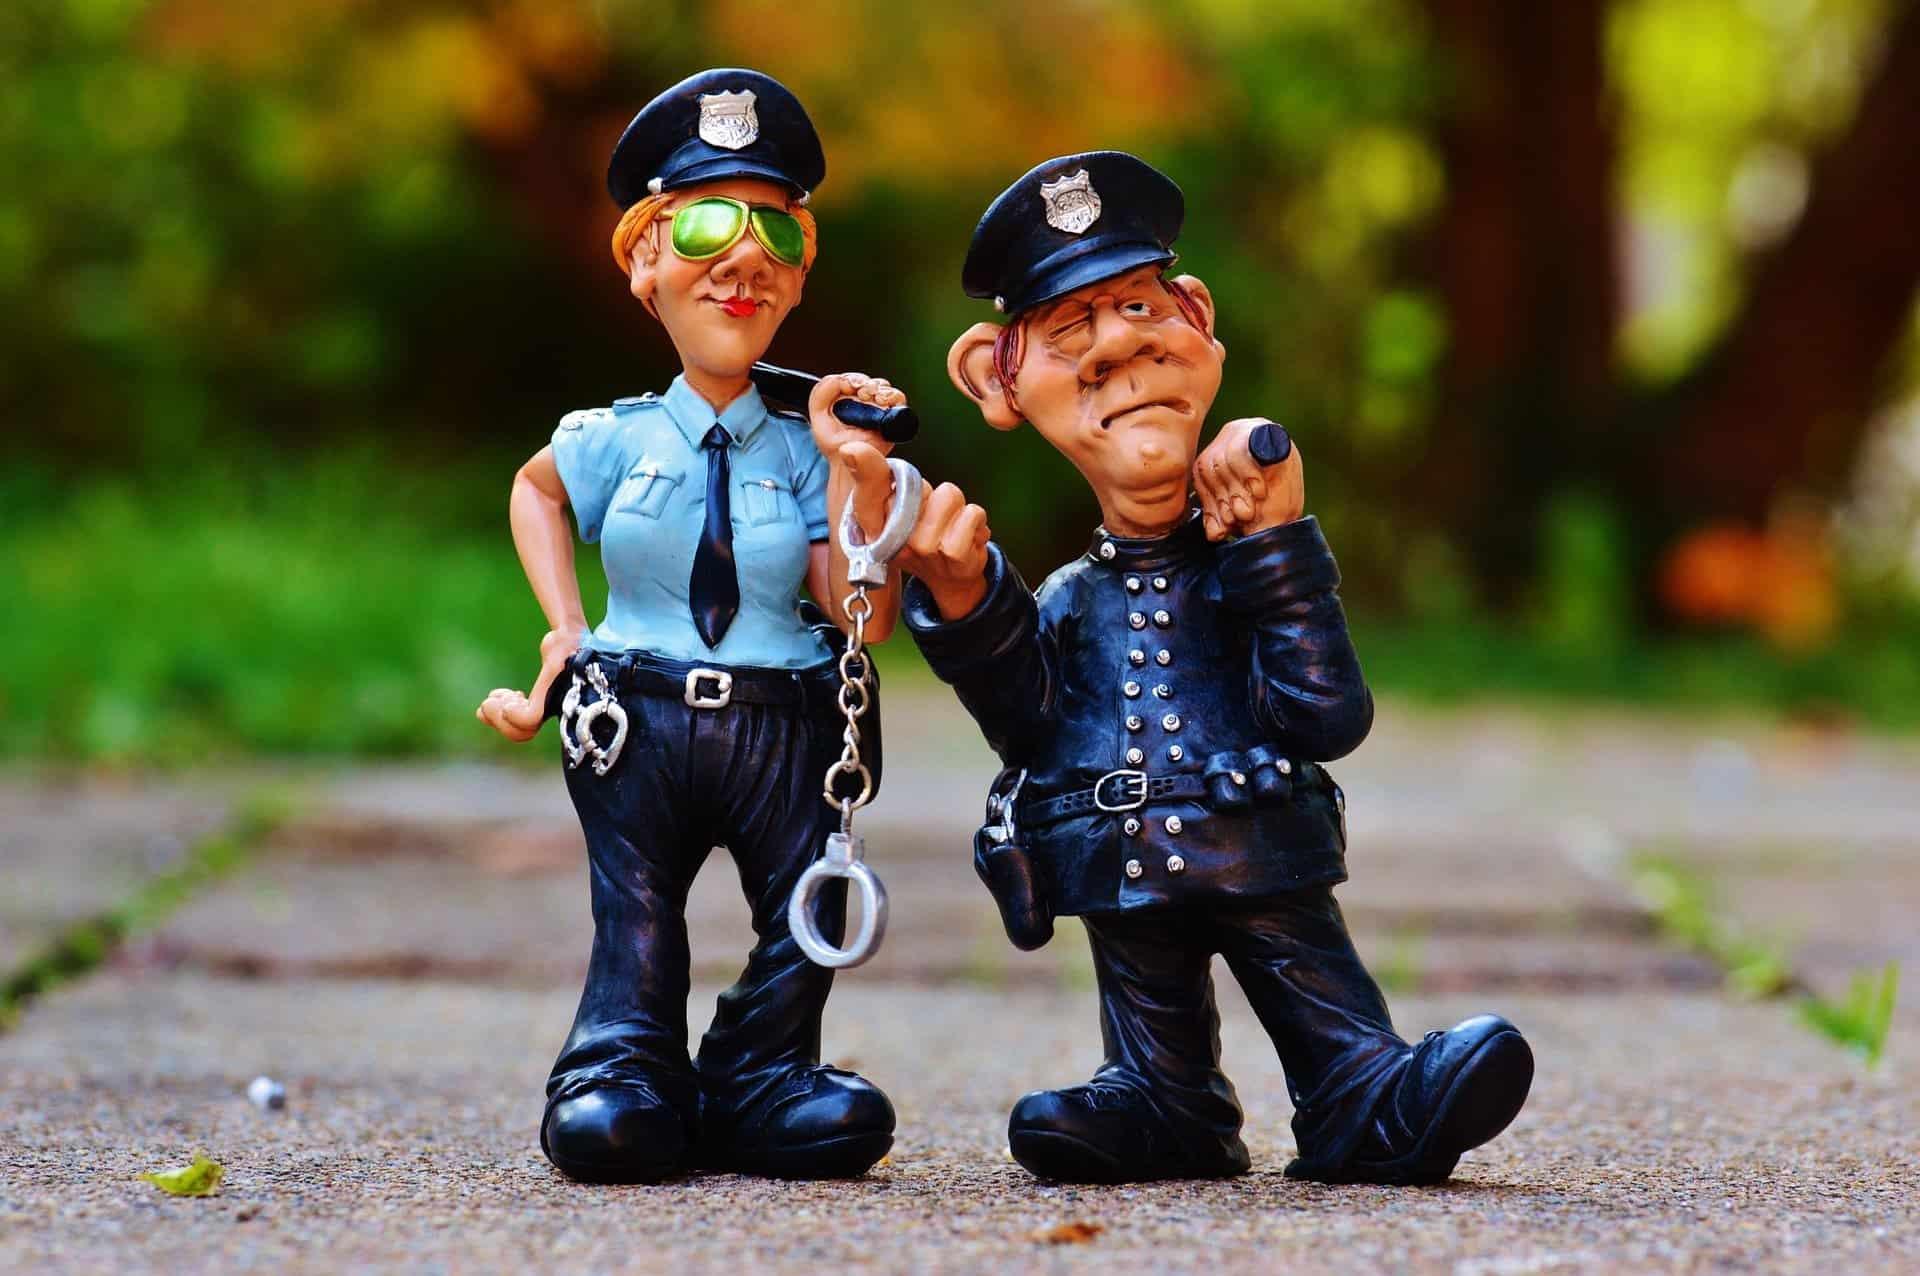 Polis skämt